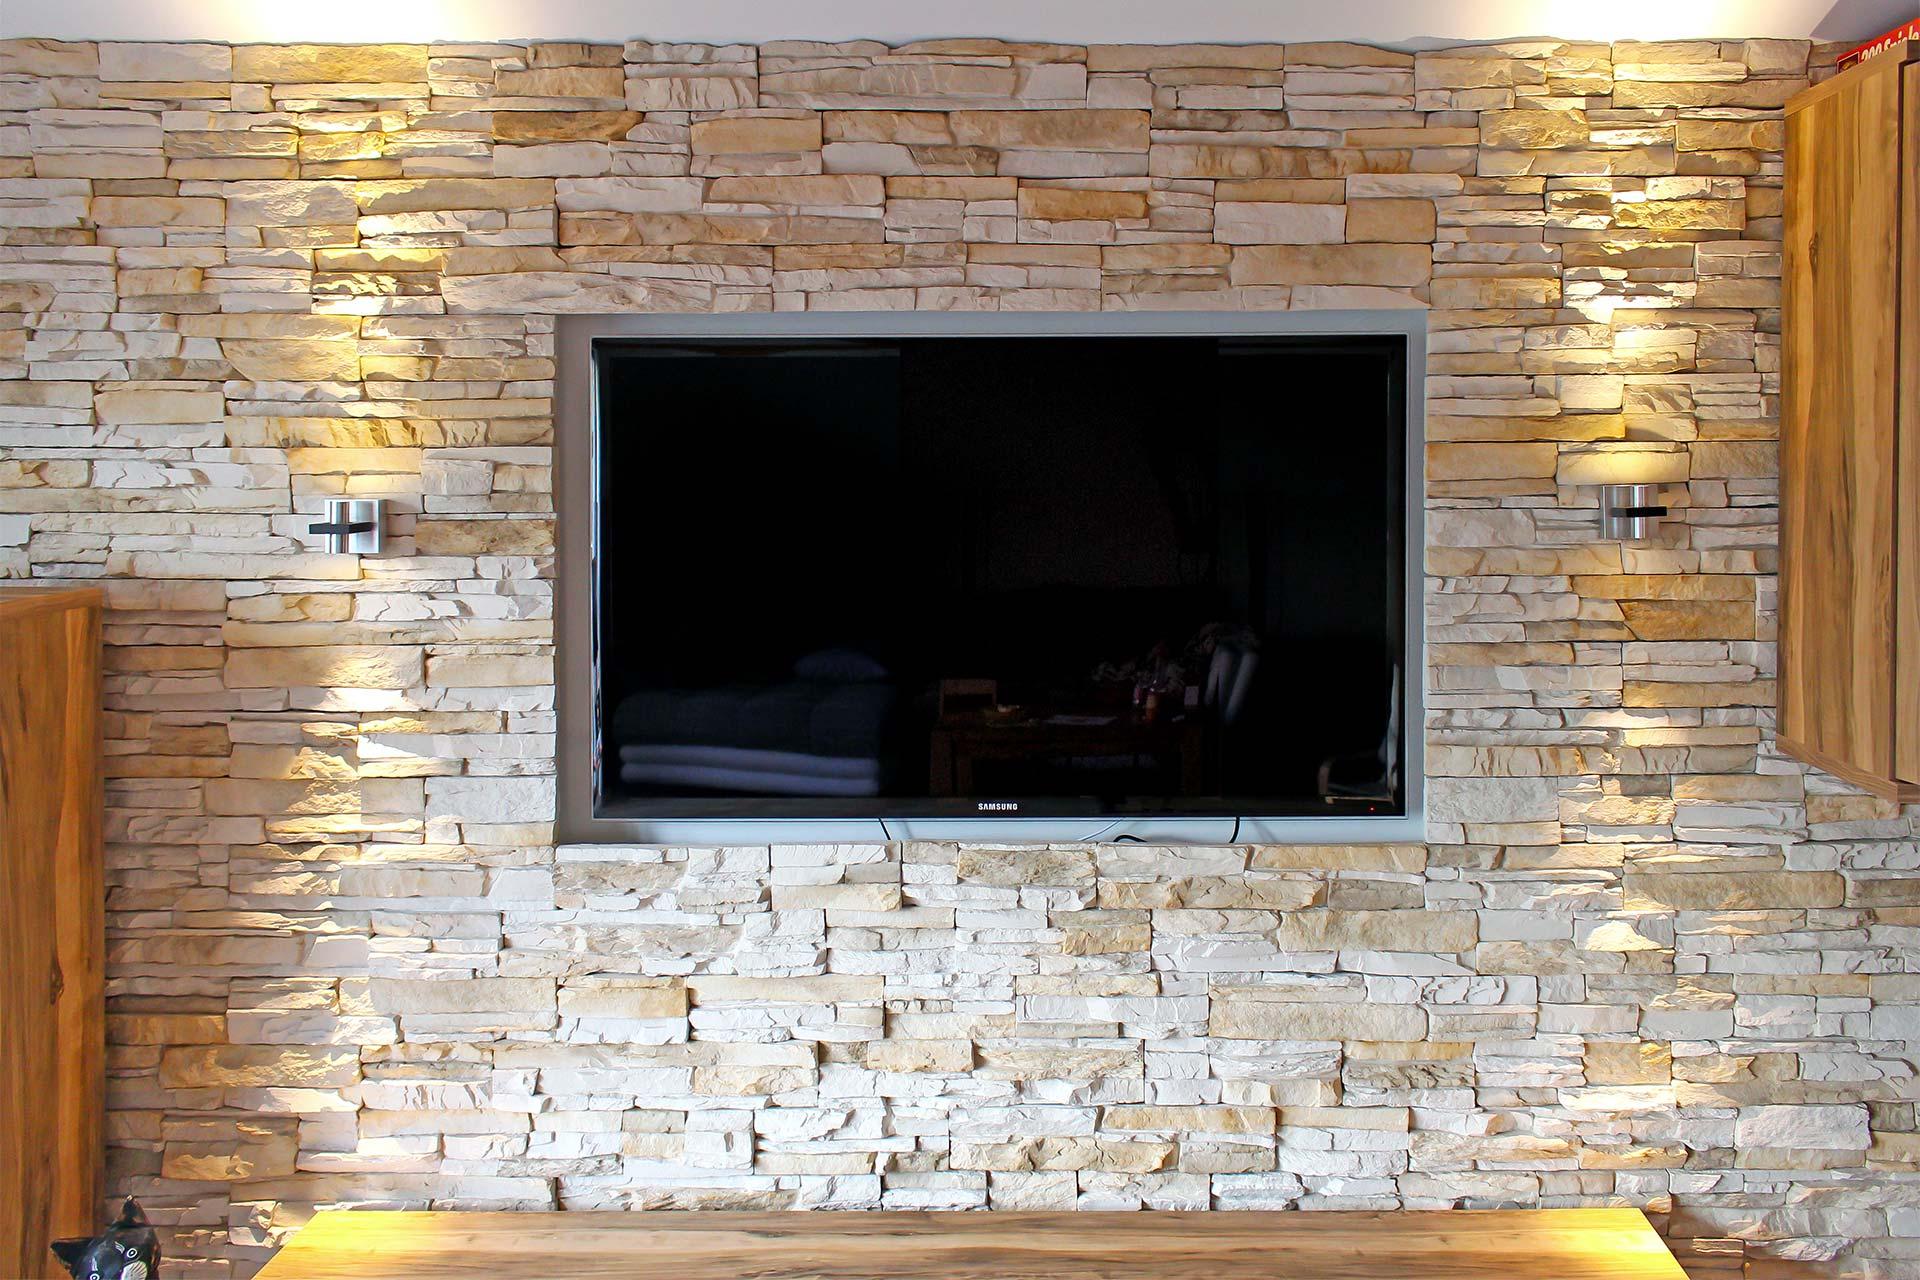 Wohnzimmerwand aus Verblendsteinen mit Fernsehnische